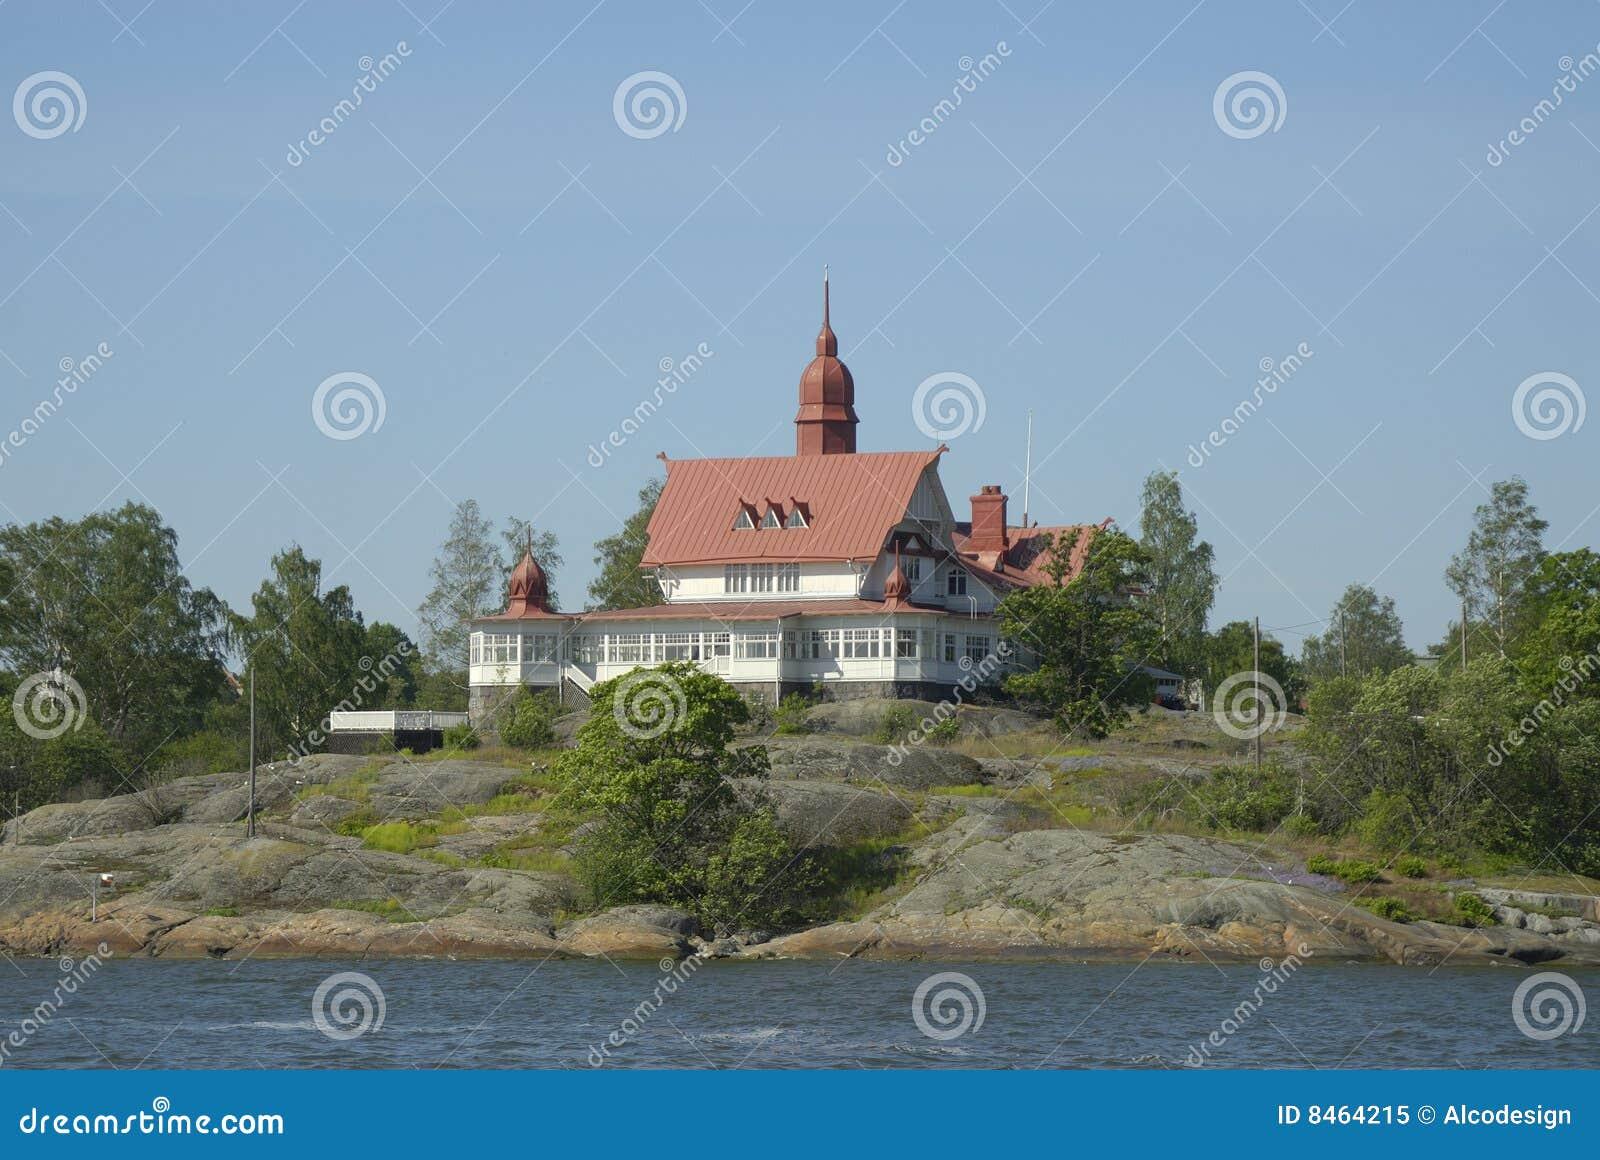 Casa por la orilla